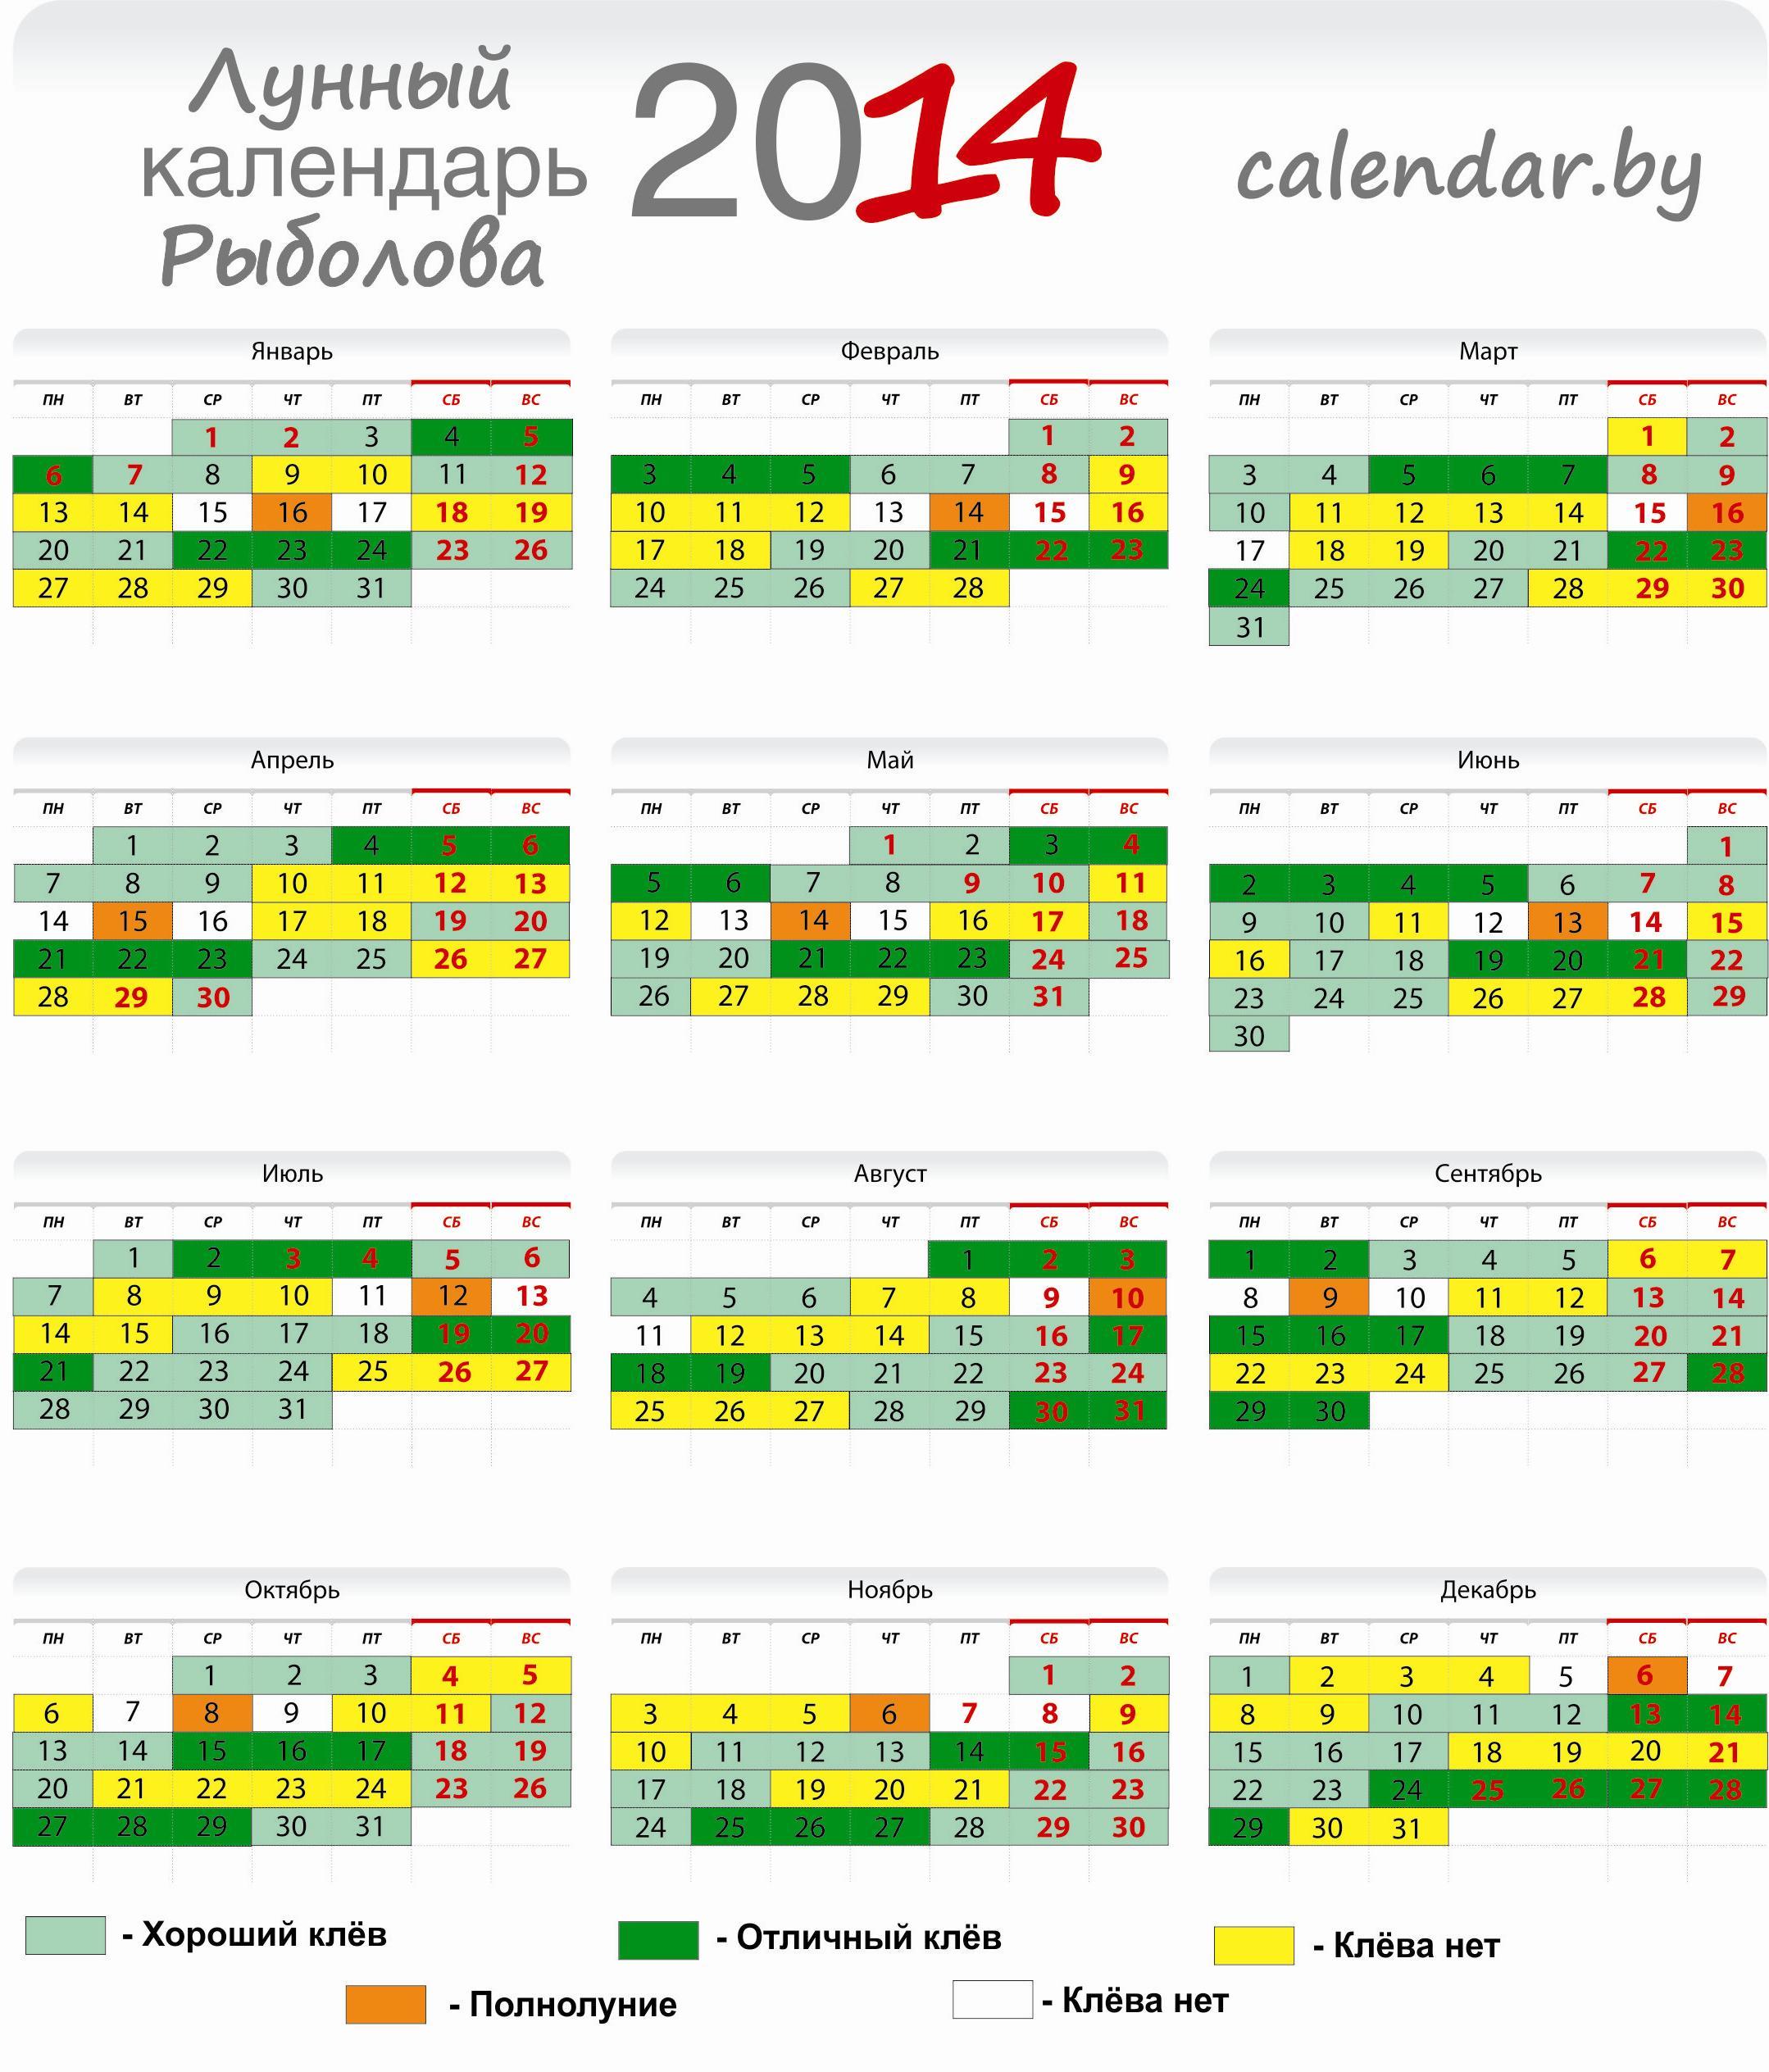 Лунный календарь рыбака на 2014 год